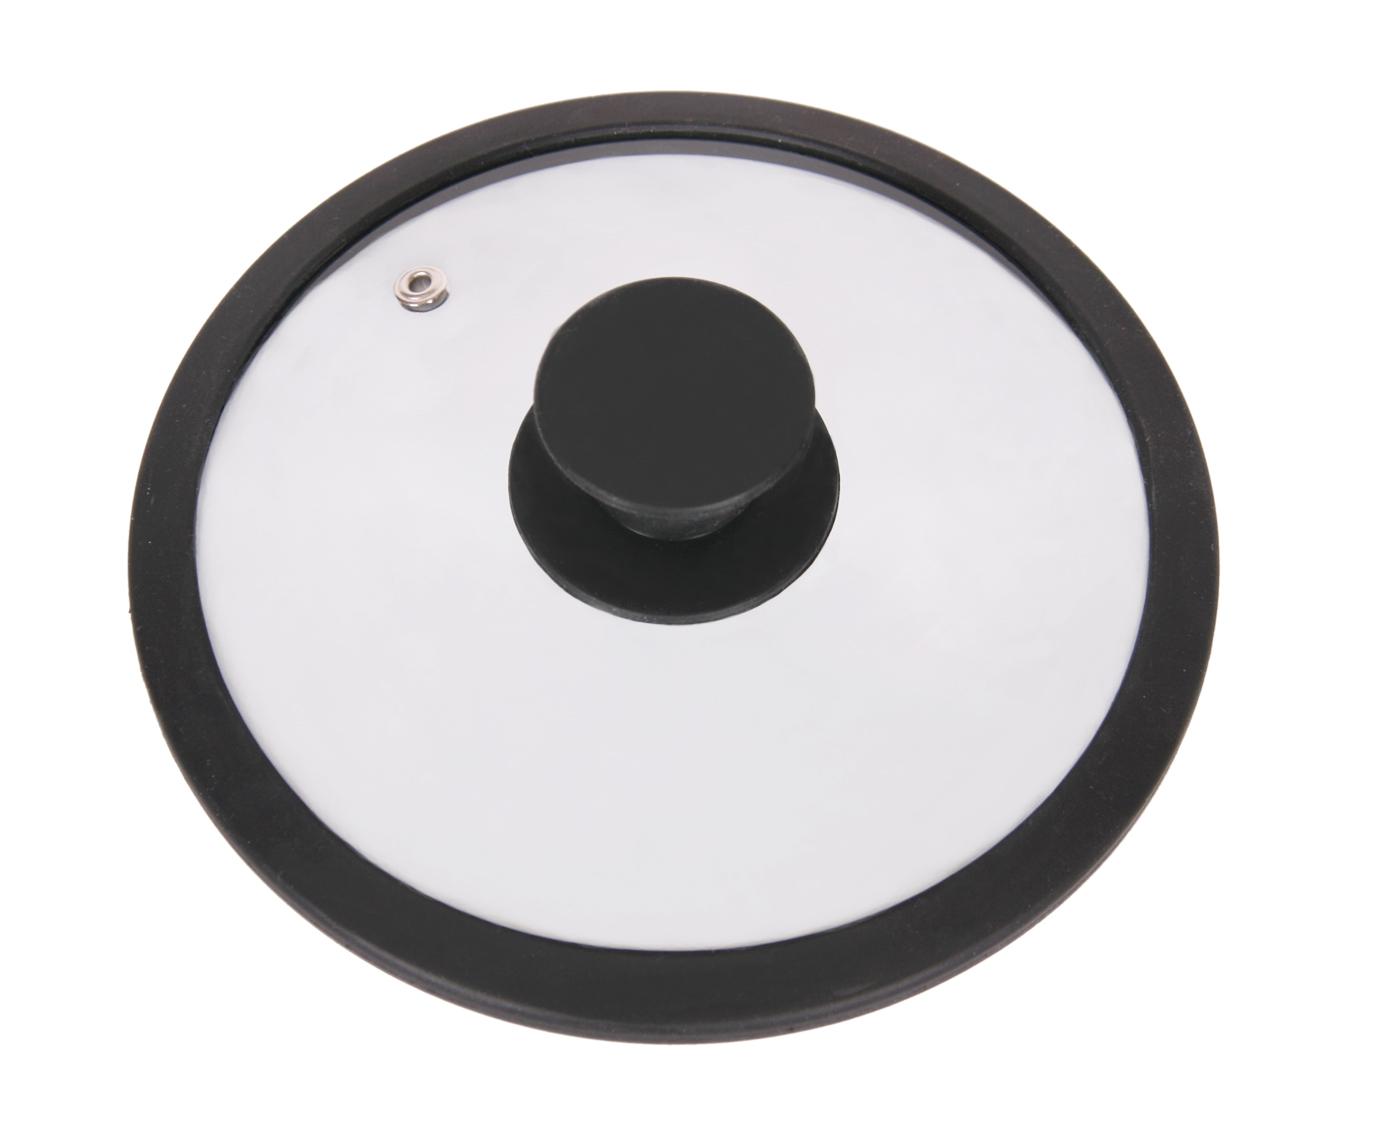 Крышка стеклянная Winner, цвет: черный. Диаметр 30 смWR-8307Крышка Winner изготовлена из термостойкого стекла с ободом из силикона. Крышка оснащена отверстием для выпуска пара. Ручка, выполненная из термостойкого бакелита с силиконовым покрытием, защищает ваши руки от высоких температур. Крышка удобна в использовании и позволяет контролировать процесс приготовления пищи. Характеристики: Материал: стекло, силикон, бакелит. Диаметр: 30 см. Изготовитель: Германия. Производитель: Китай. Размер упаковки: 31,5 см х 31,5 см х 4 см. Артикул: WR-8307.